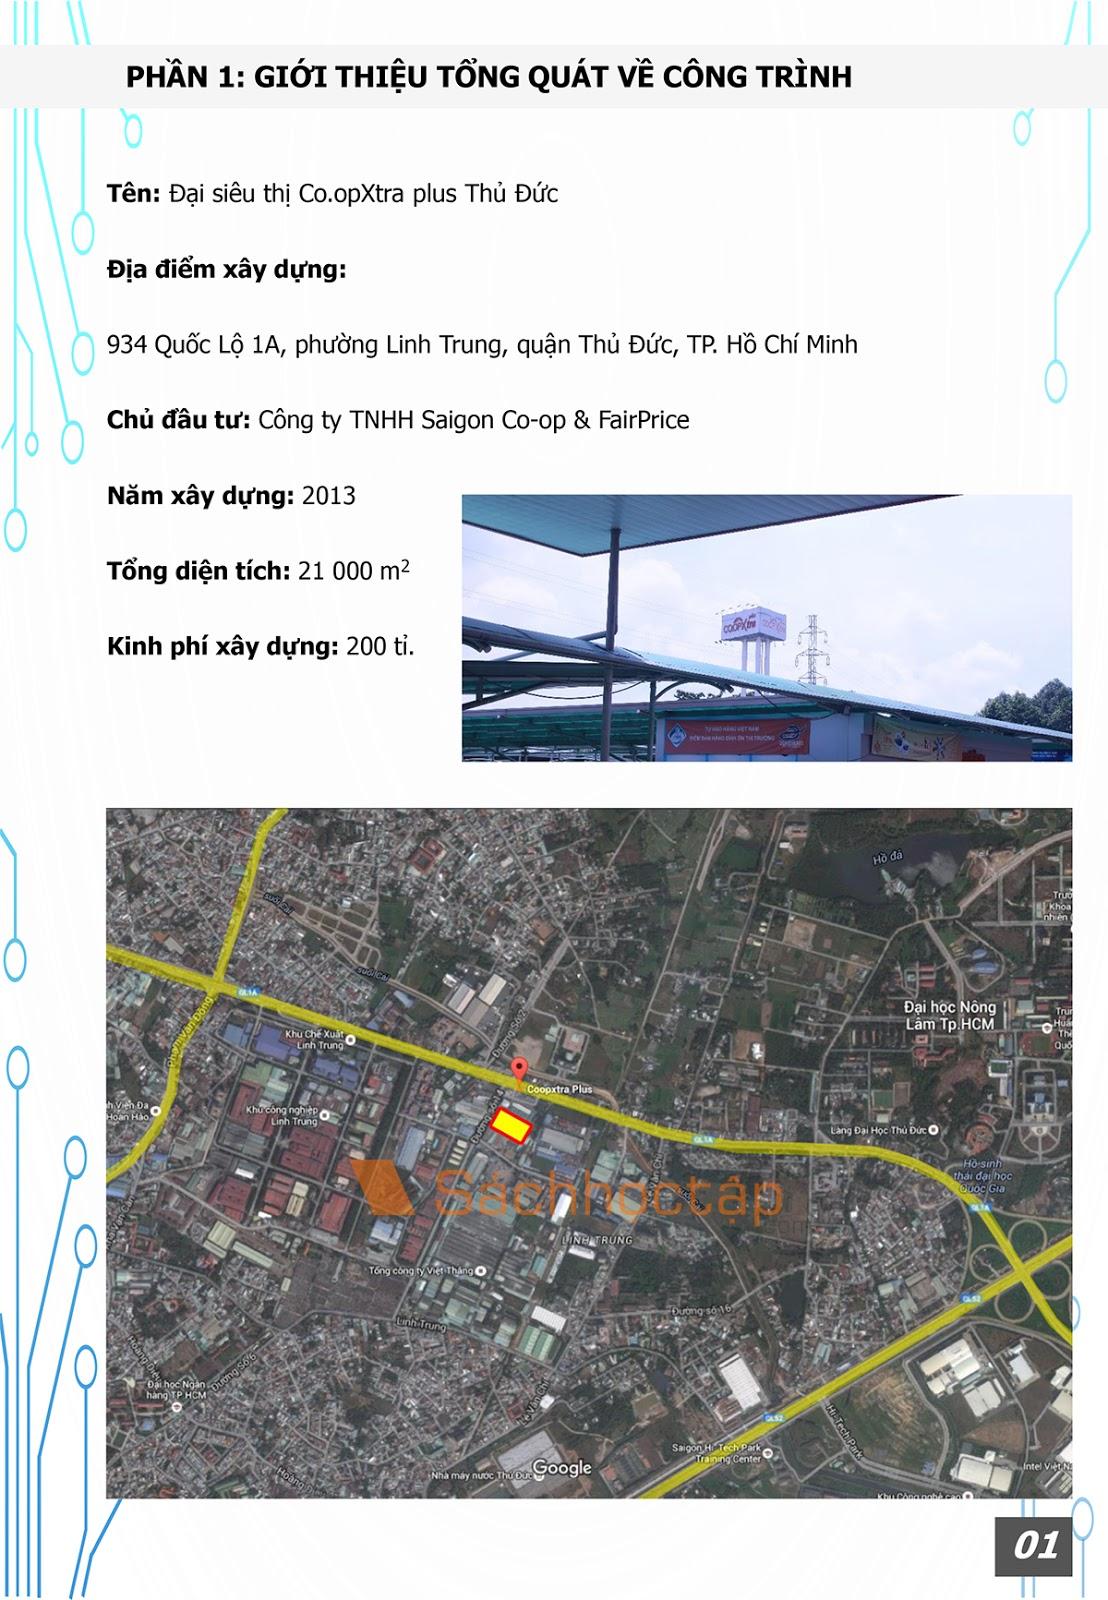 Chuyên đề kiến trúc 4: Kiến trúc thương mại - Dịch vụ: Siêu thị Co.opxtra Plus Thủ Đức - Preview 2